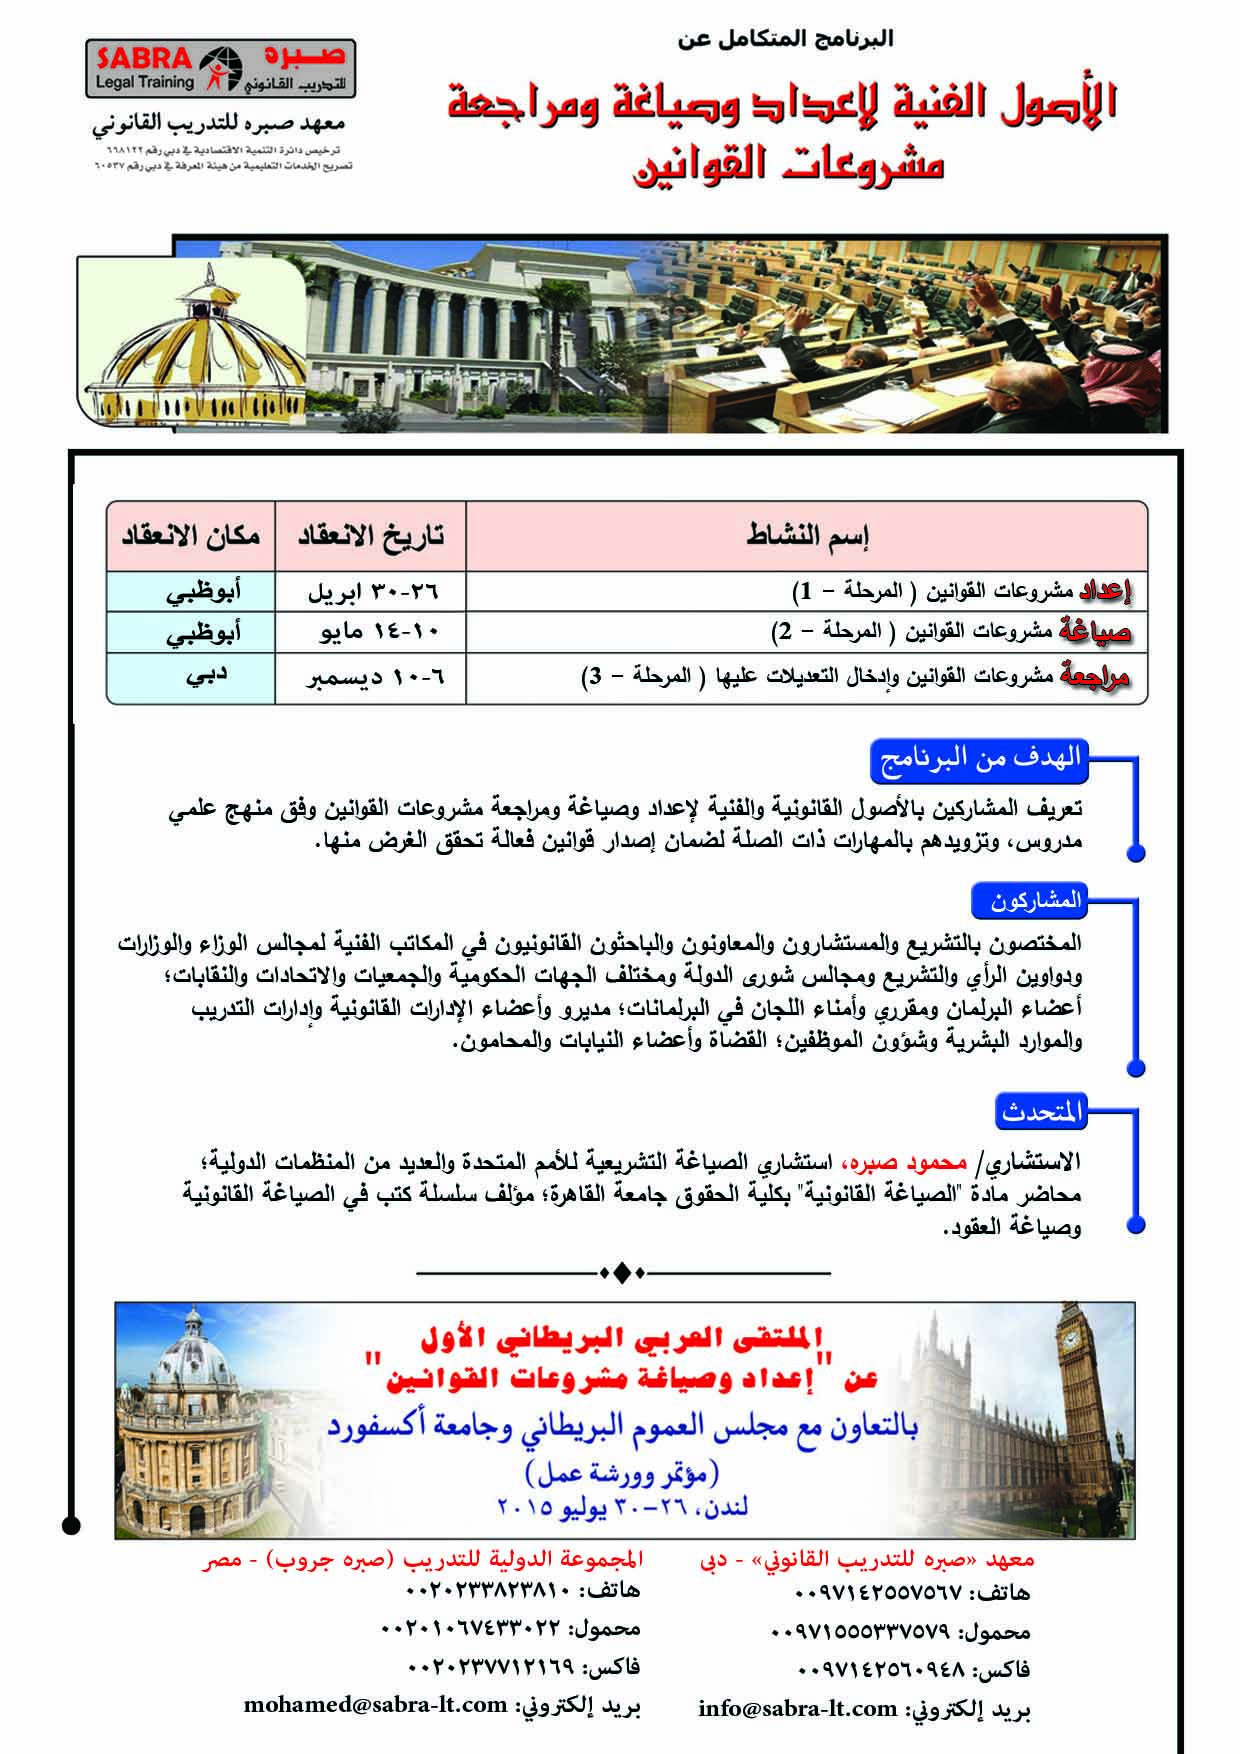 البرنامج المتكامل عن الأصول الفنية لإعداد وصياغة ومراجعة مشروعات القوانين Sabra Group Train Legal Sabra